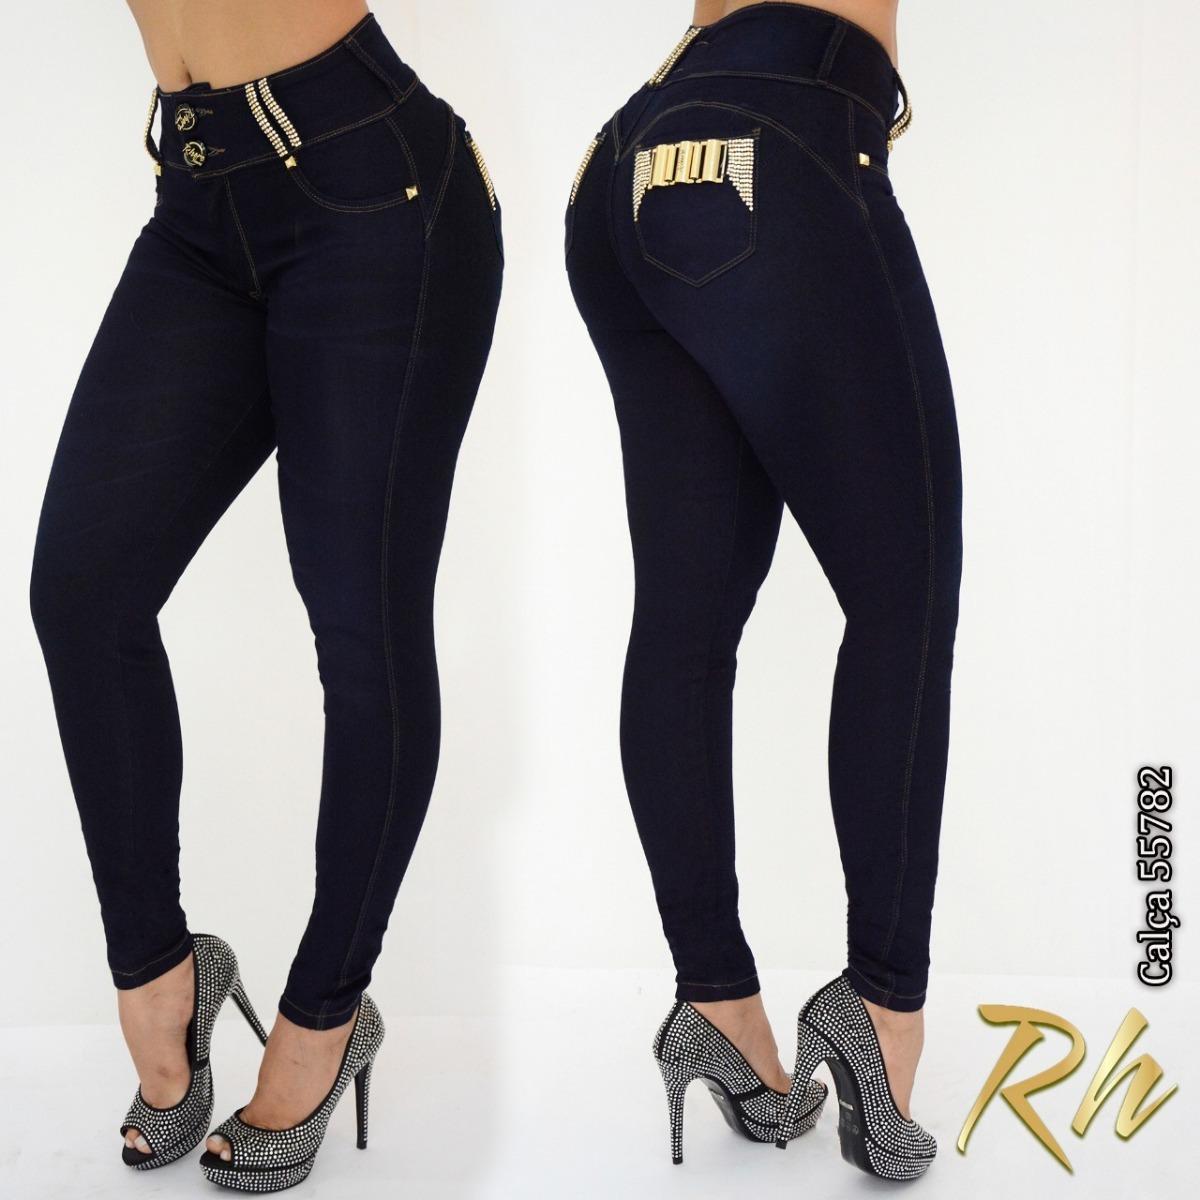 32a5da9a0 calça jeans rhero coleção 2019 estilo pitbull ref 55782. Carregando zoom.